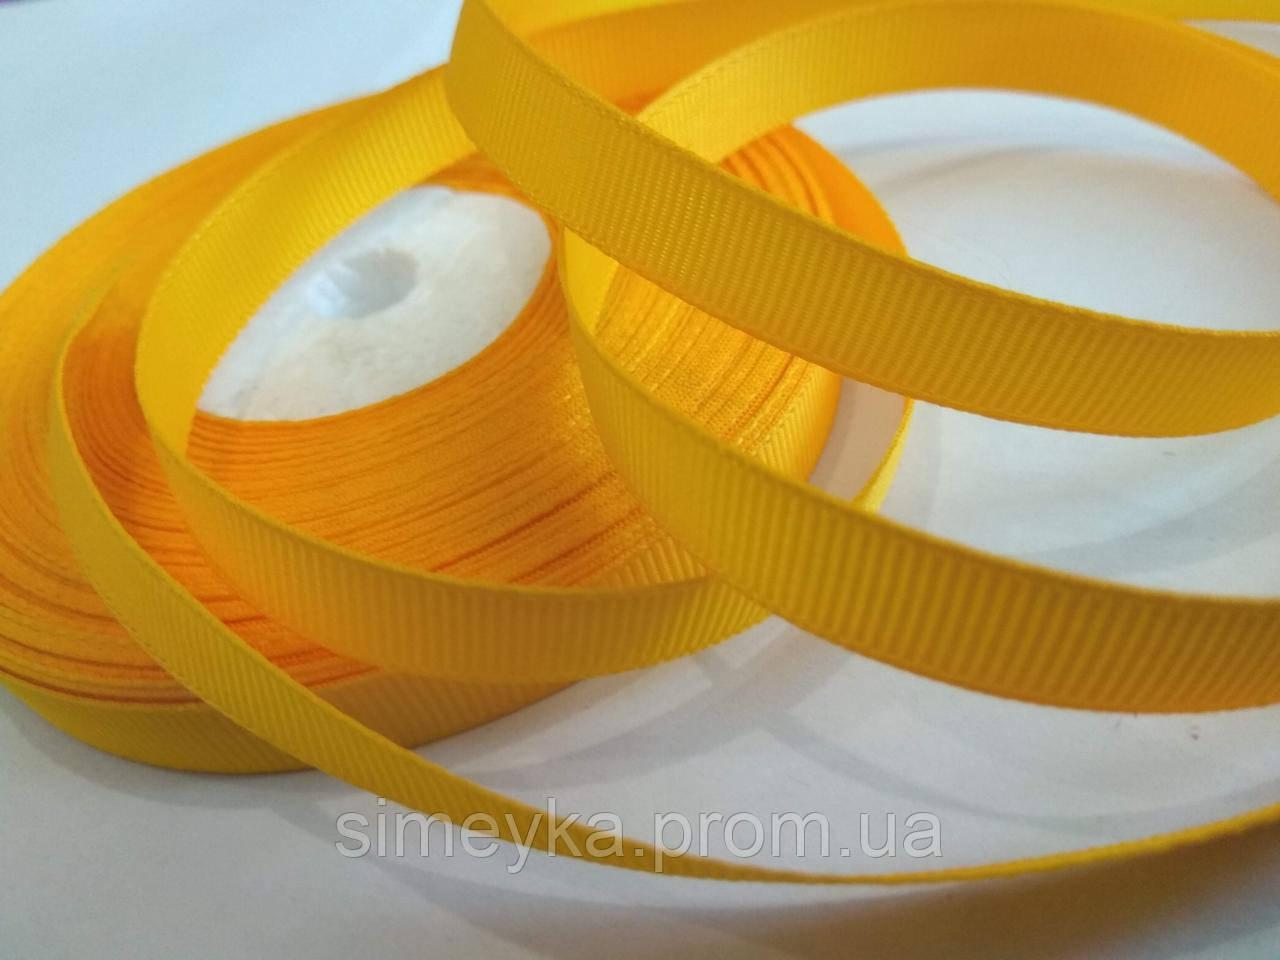 Лента репсовая 1 см. Желтая